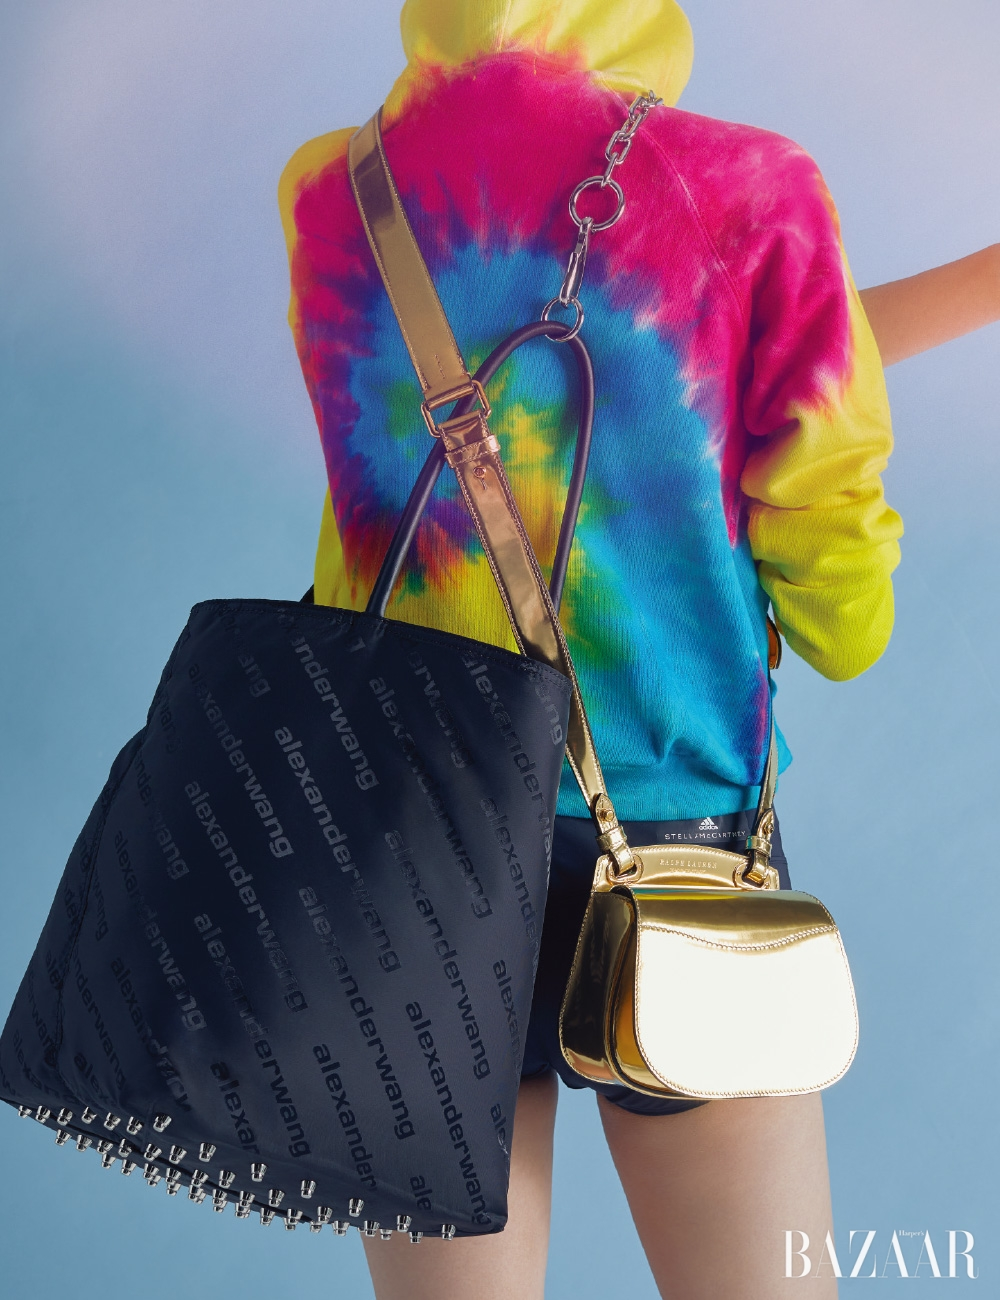 톱은 20만원대Polo Ralph Lauren, 브리프는 5만9천원 Adidas by Stella McCartney, '록시' 토트백은 1백39만원 Alexander Wang, 골드 숄더백은 Ralph Lauren Collection.